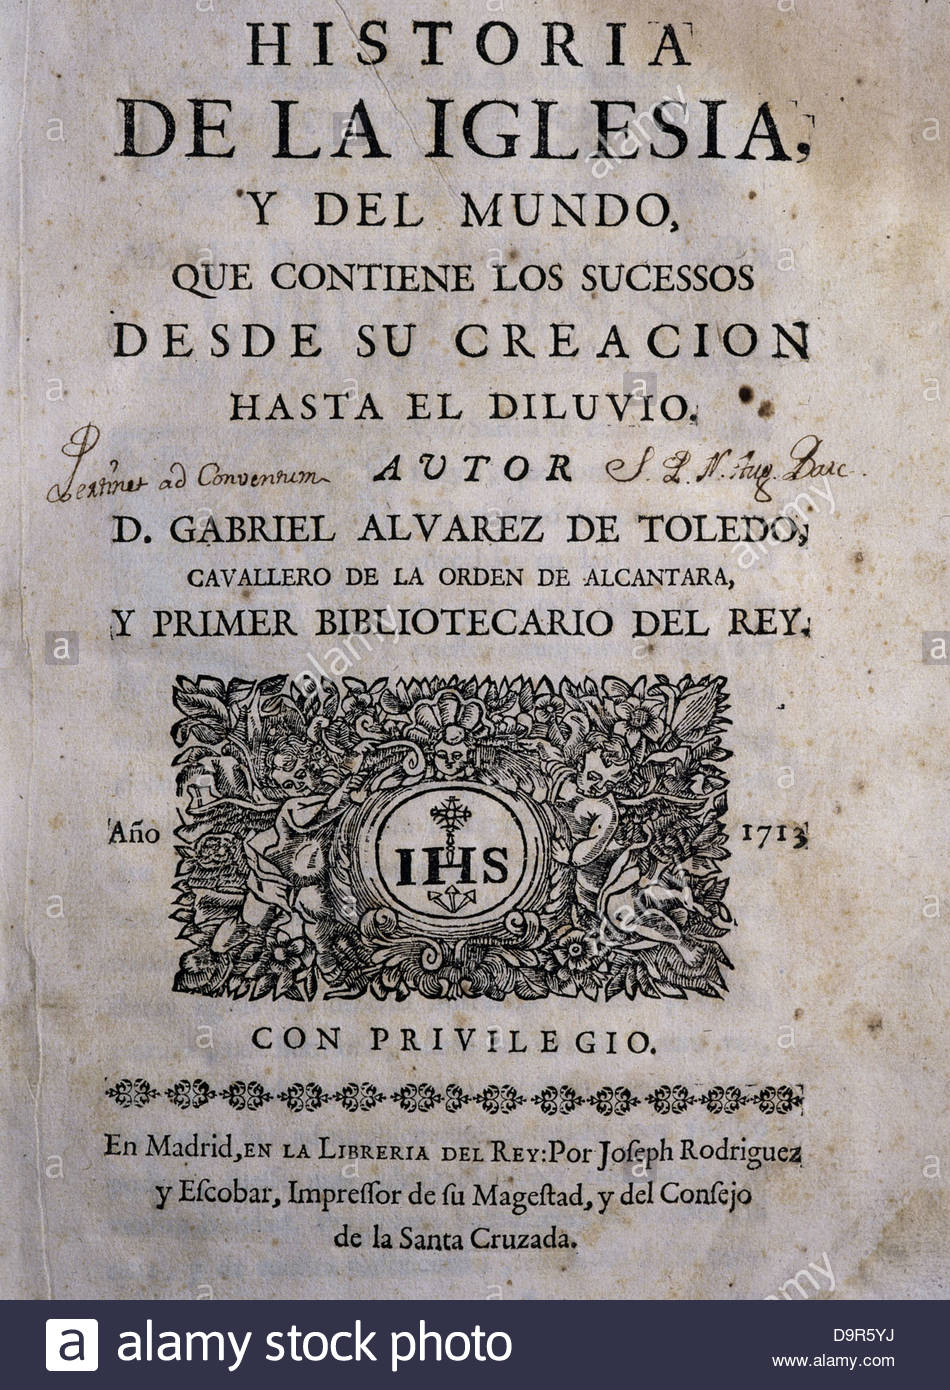 Gabriel Álvarez de Toledo, poeta